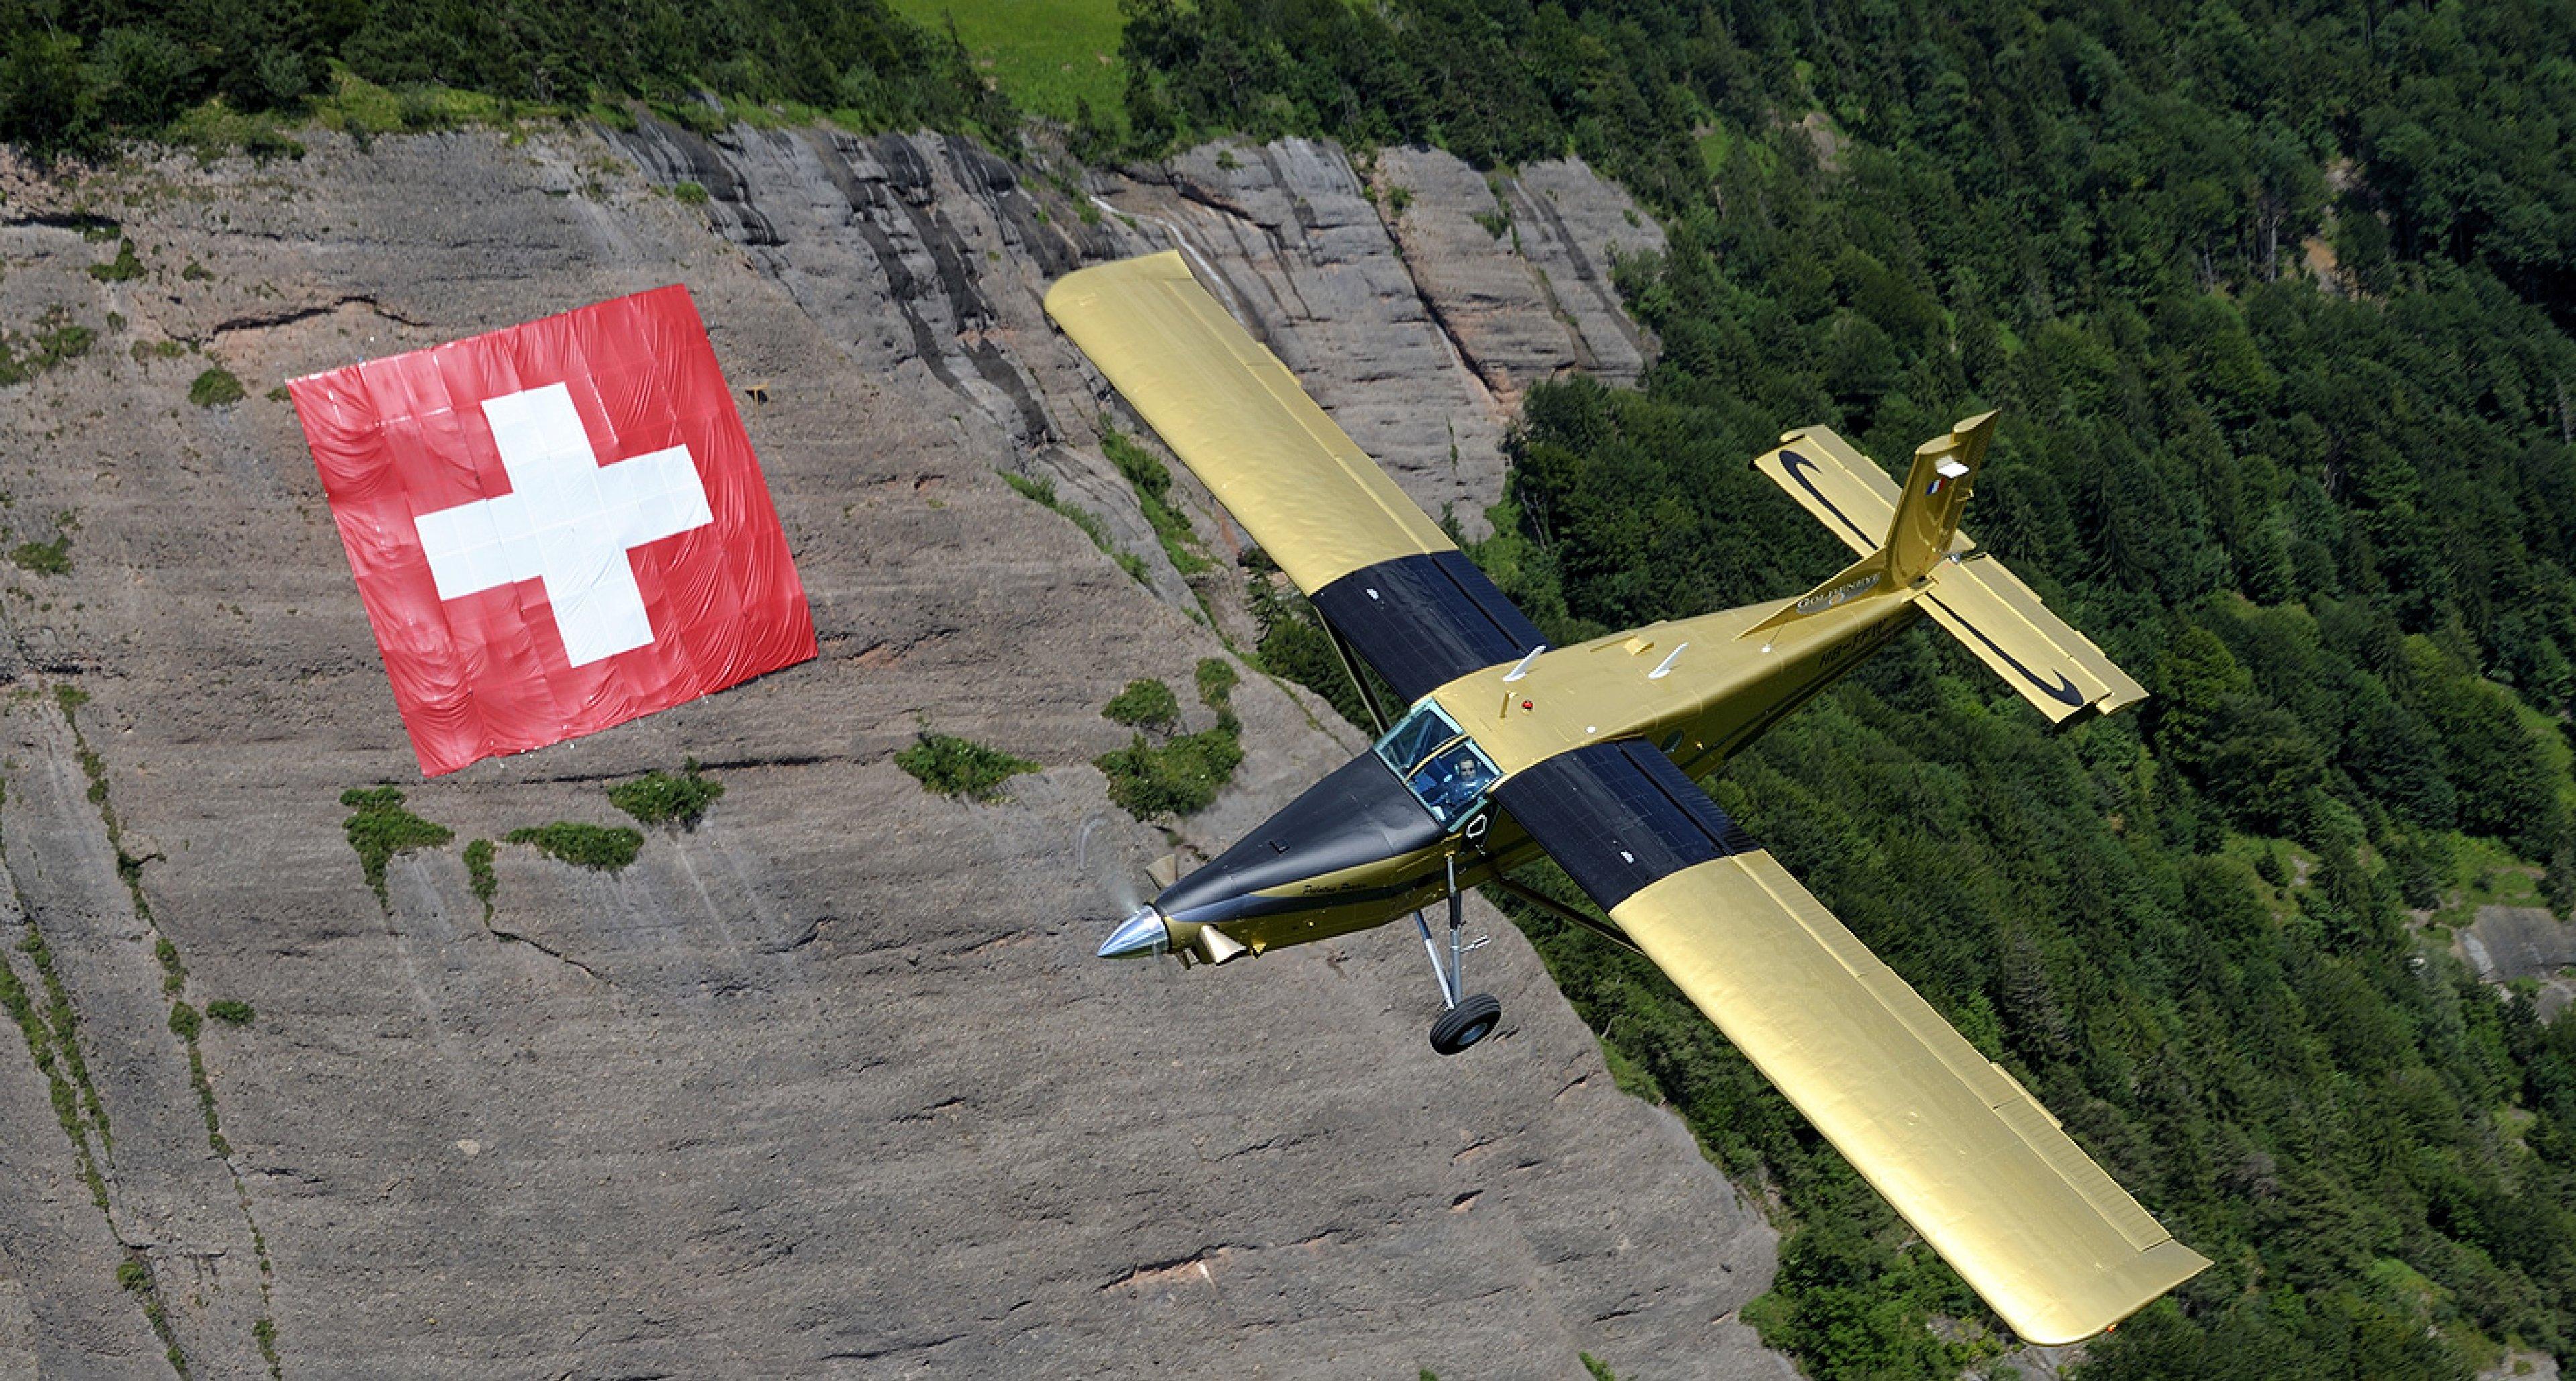 PC-6 'Goldeneye' flying over the Swiss flag